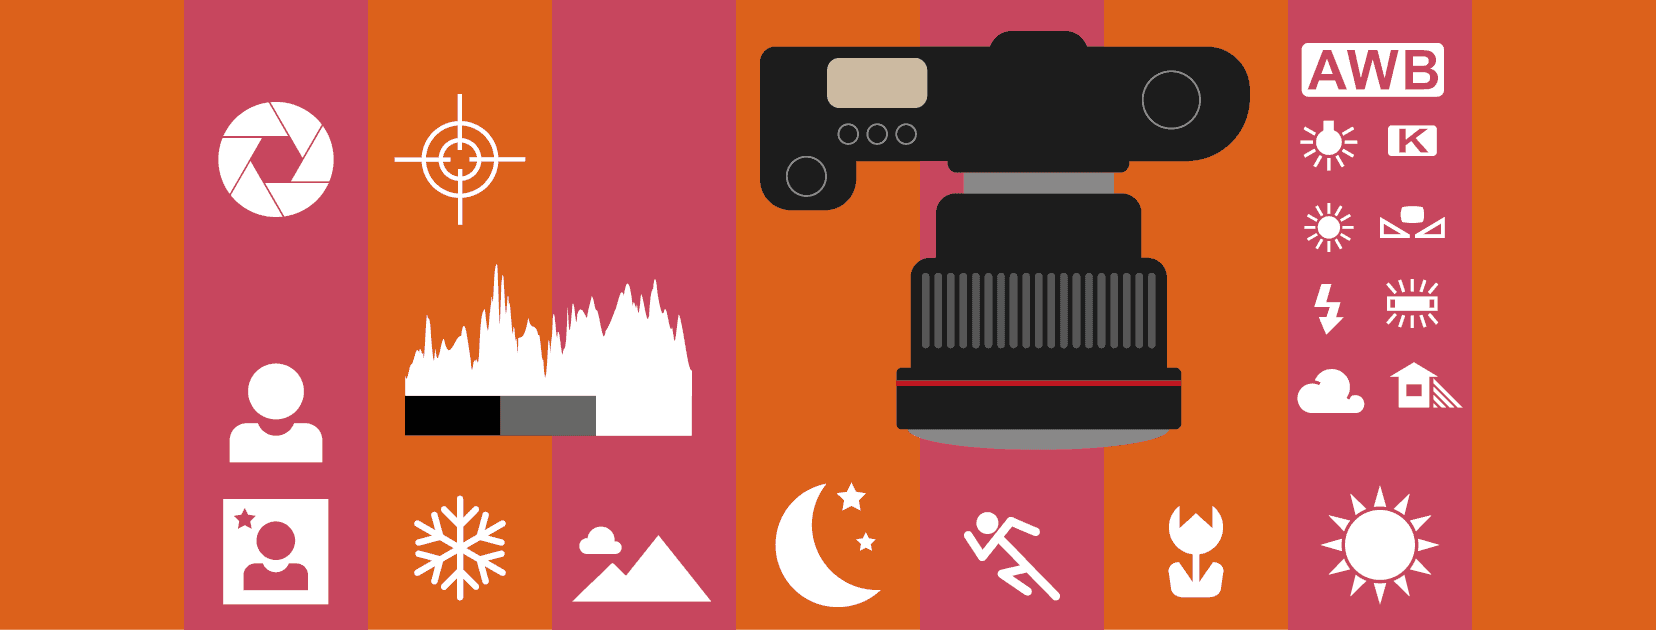 kamera teknik kursus begynder